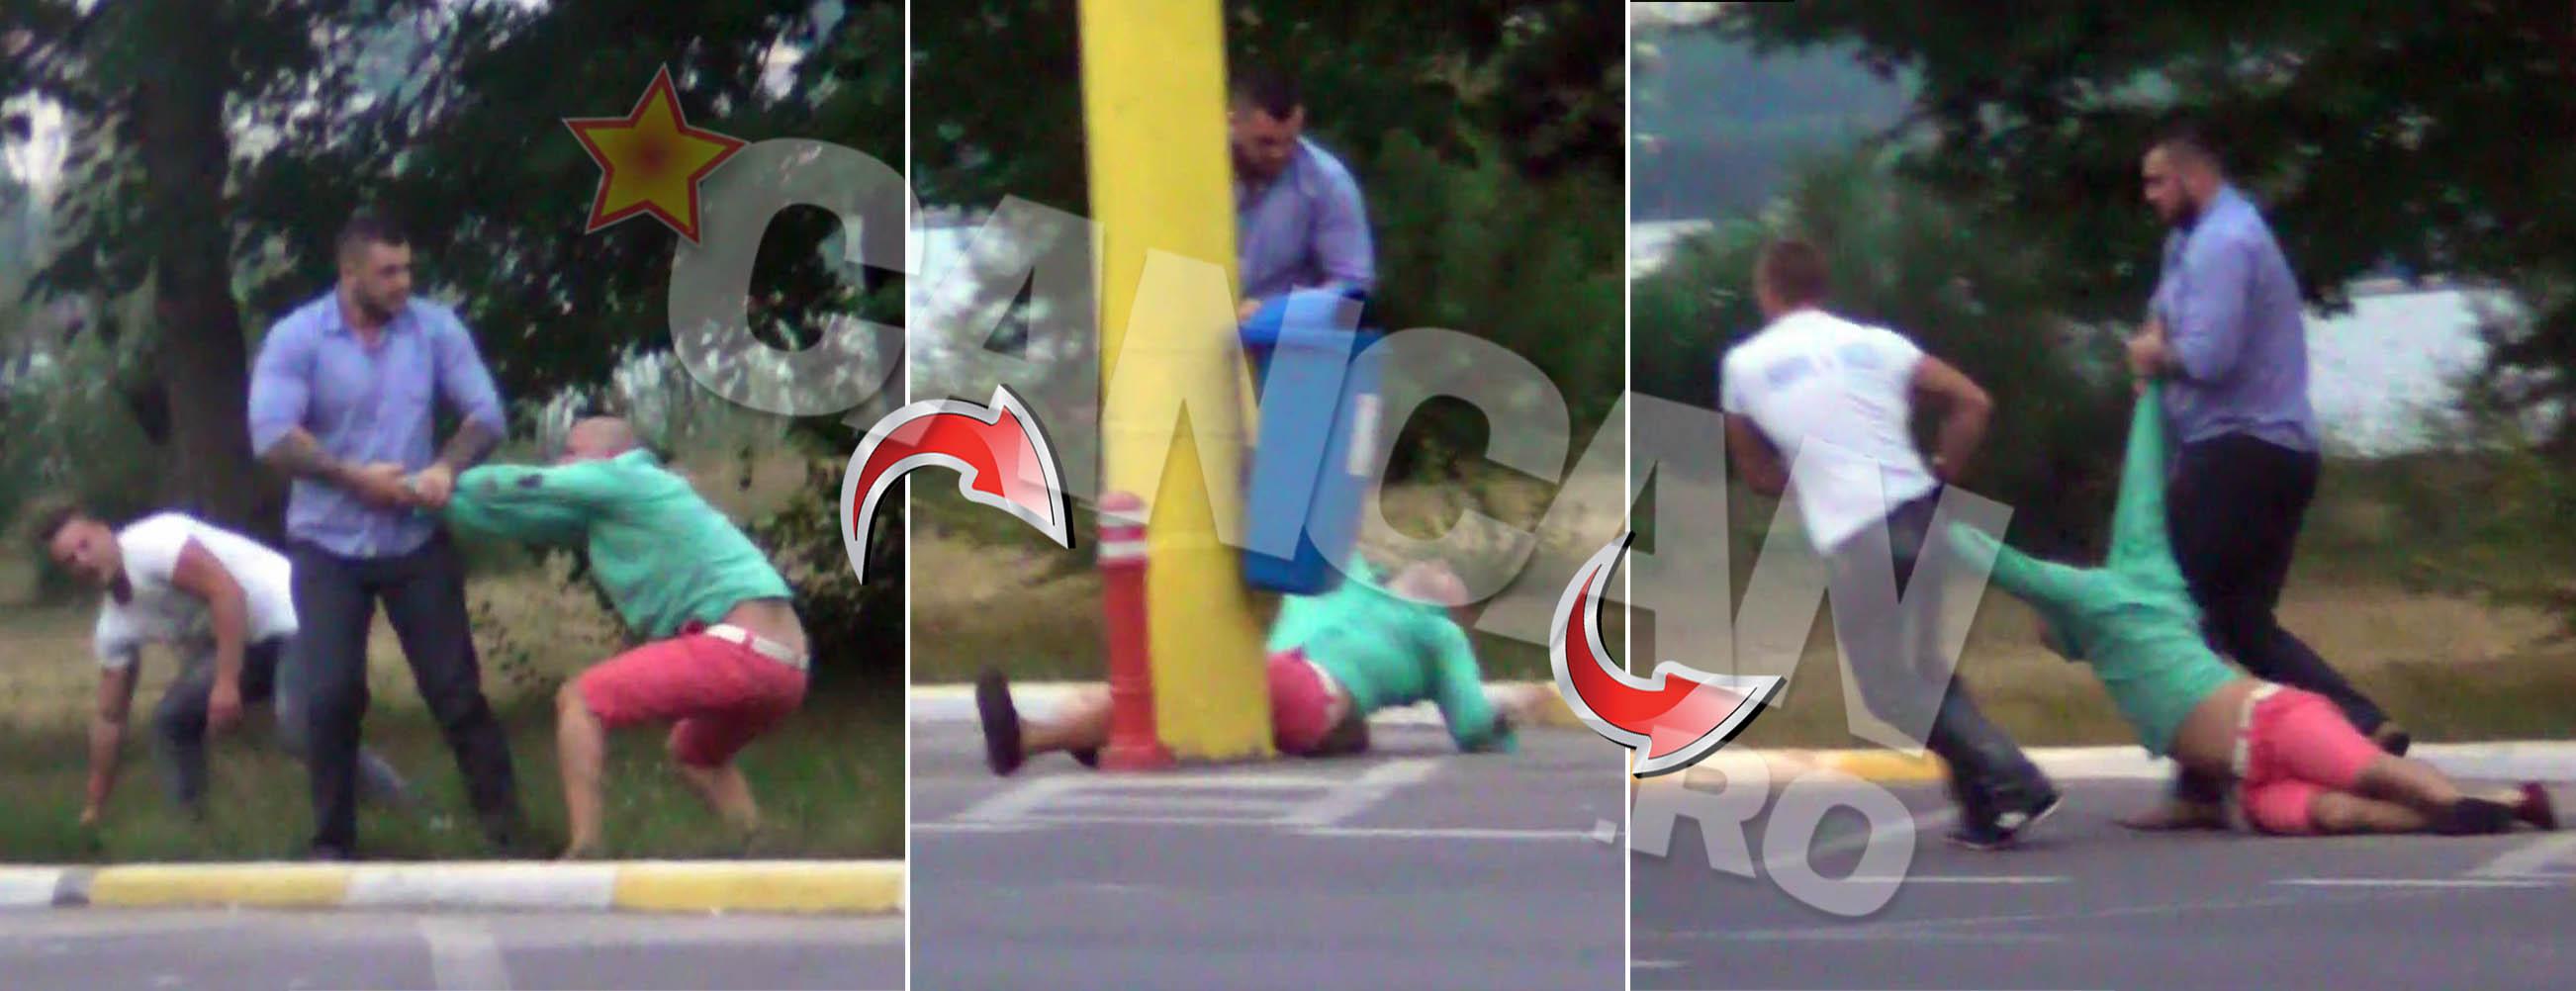 Unul dintre clienti si-a pierdut cunostinta dupa ce a fost lovit cu pumnii si picioarele de agentii de paza